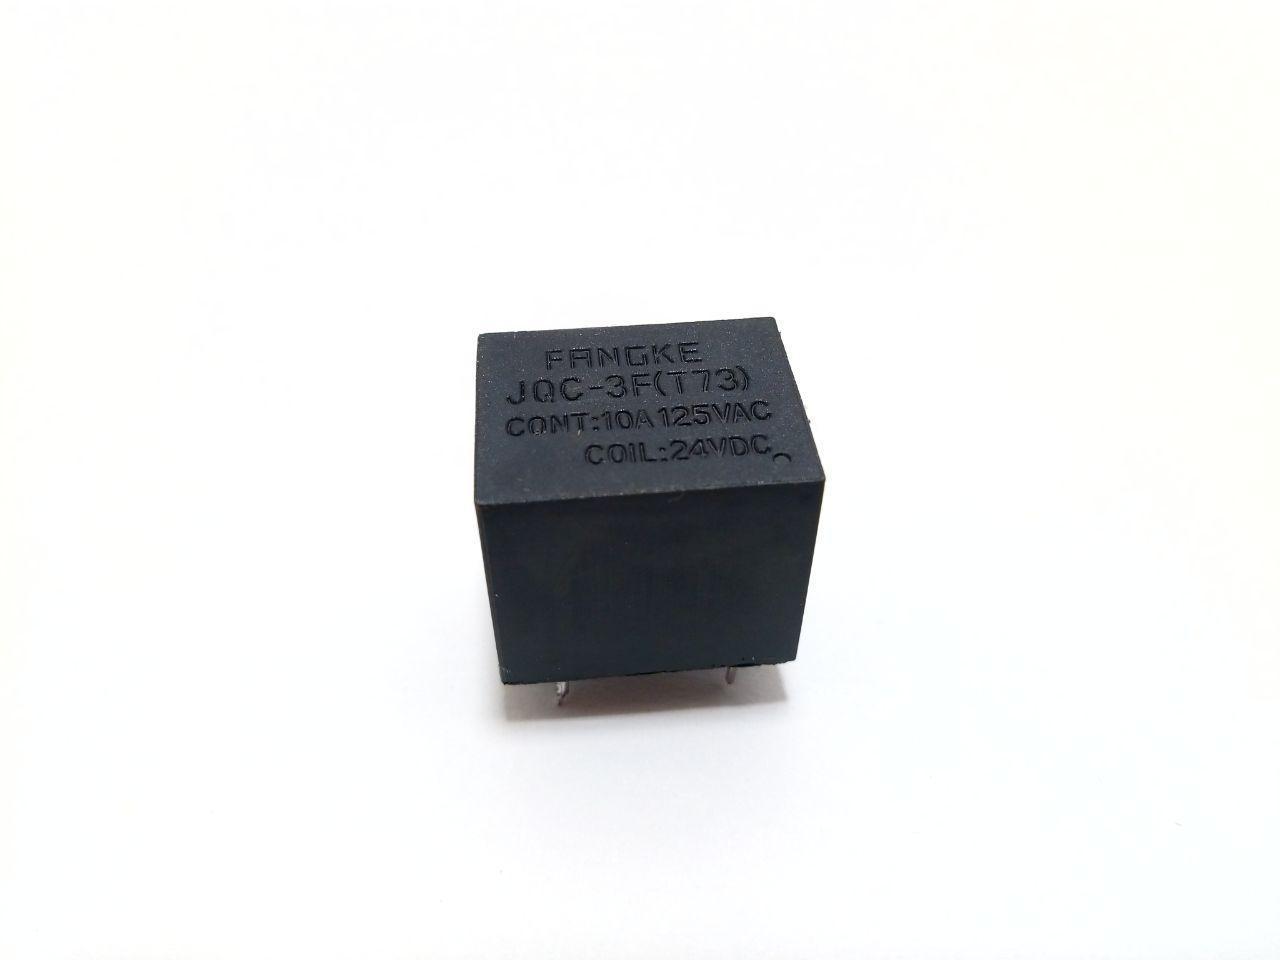 Реле JQC-3F(T73) (24VDC) 10A, контакты 1С